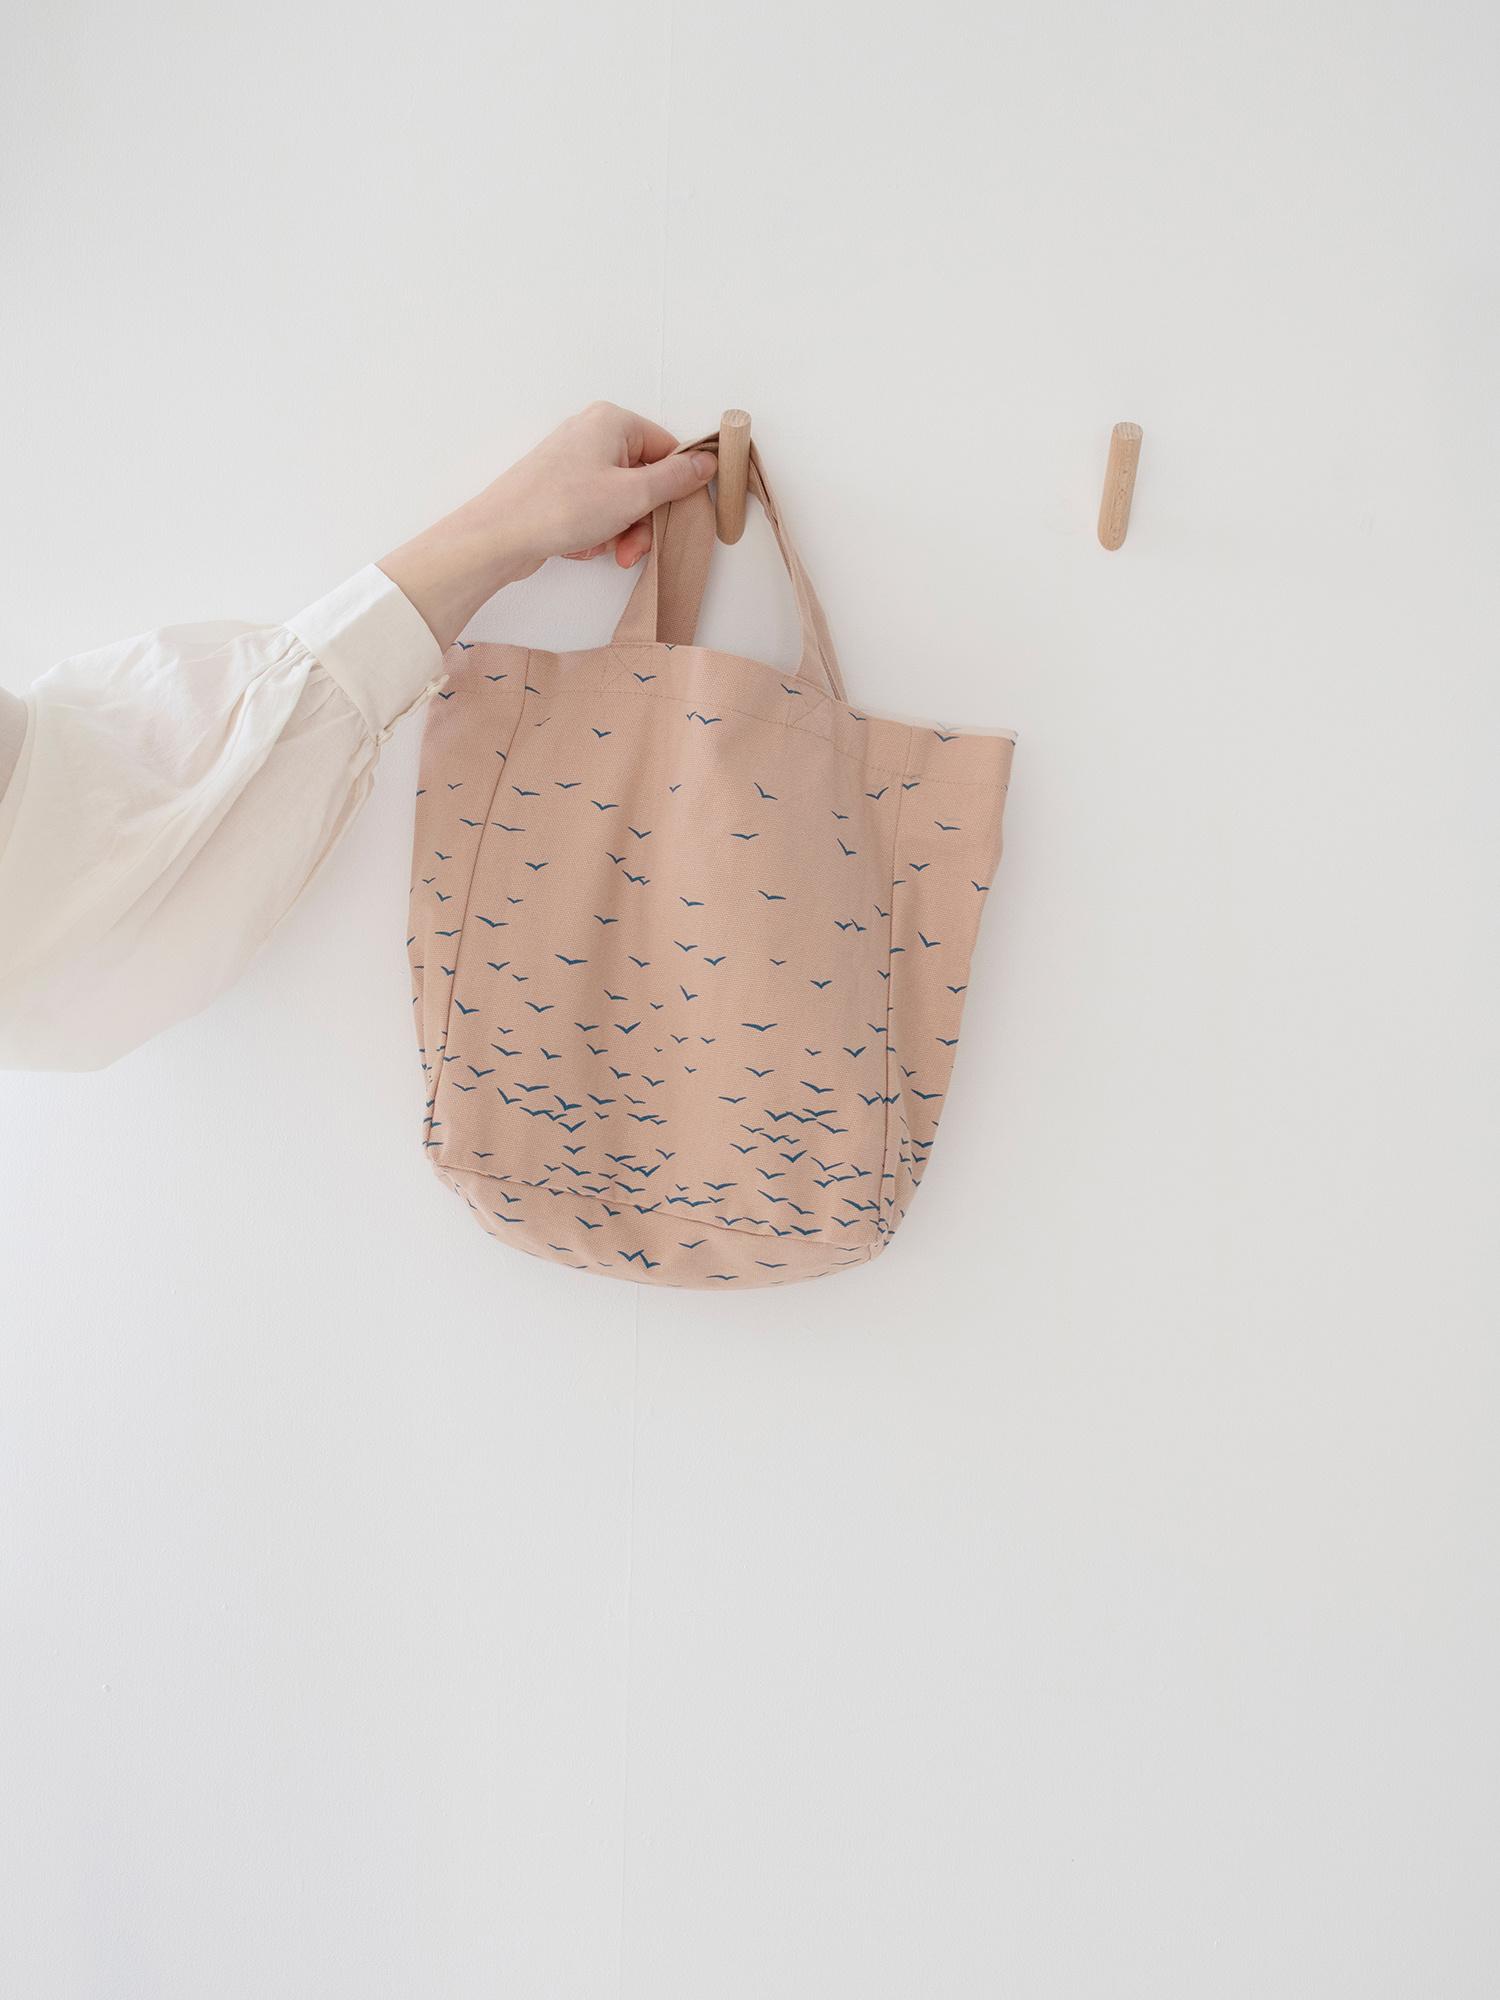 sky bag - small shopper